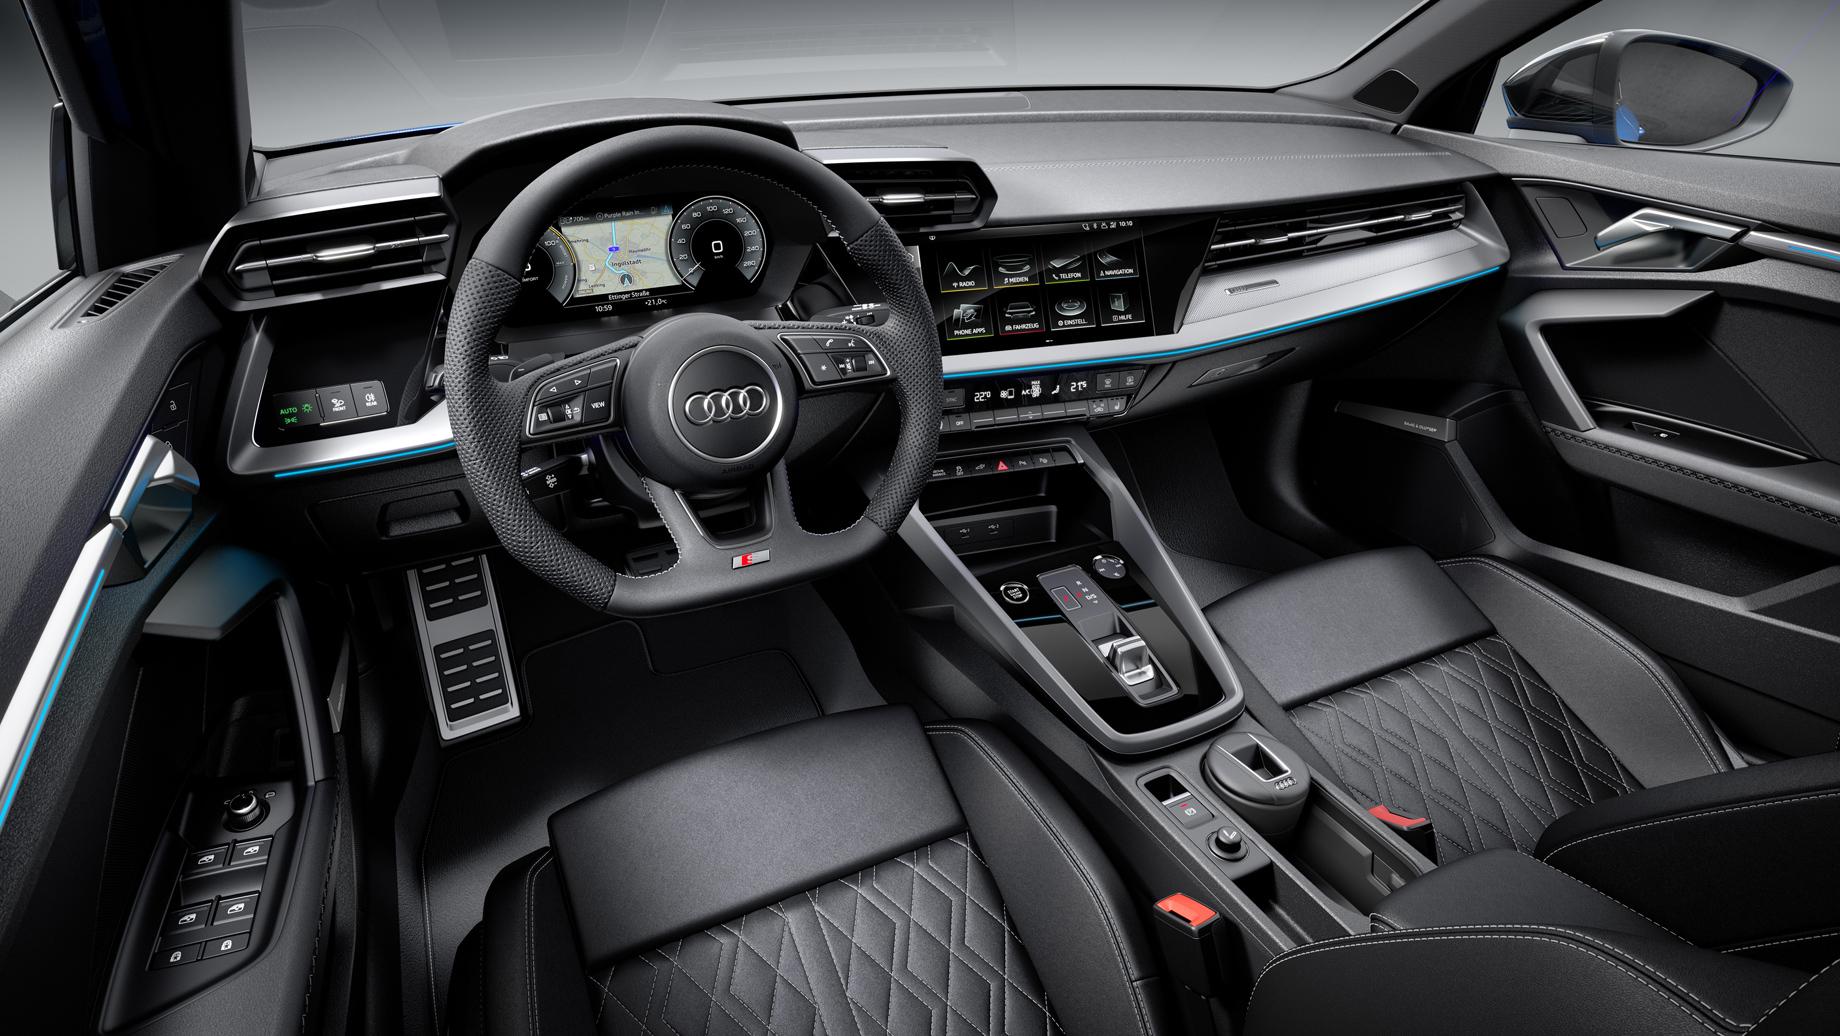 Audi A3 40 TFSI e превзошла предшественницу впробеге